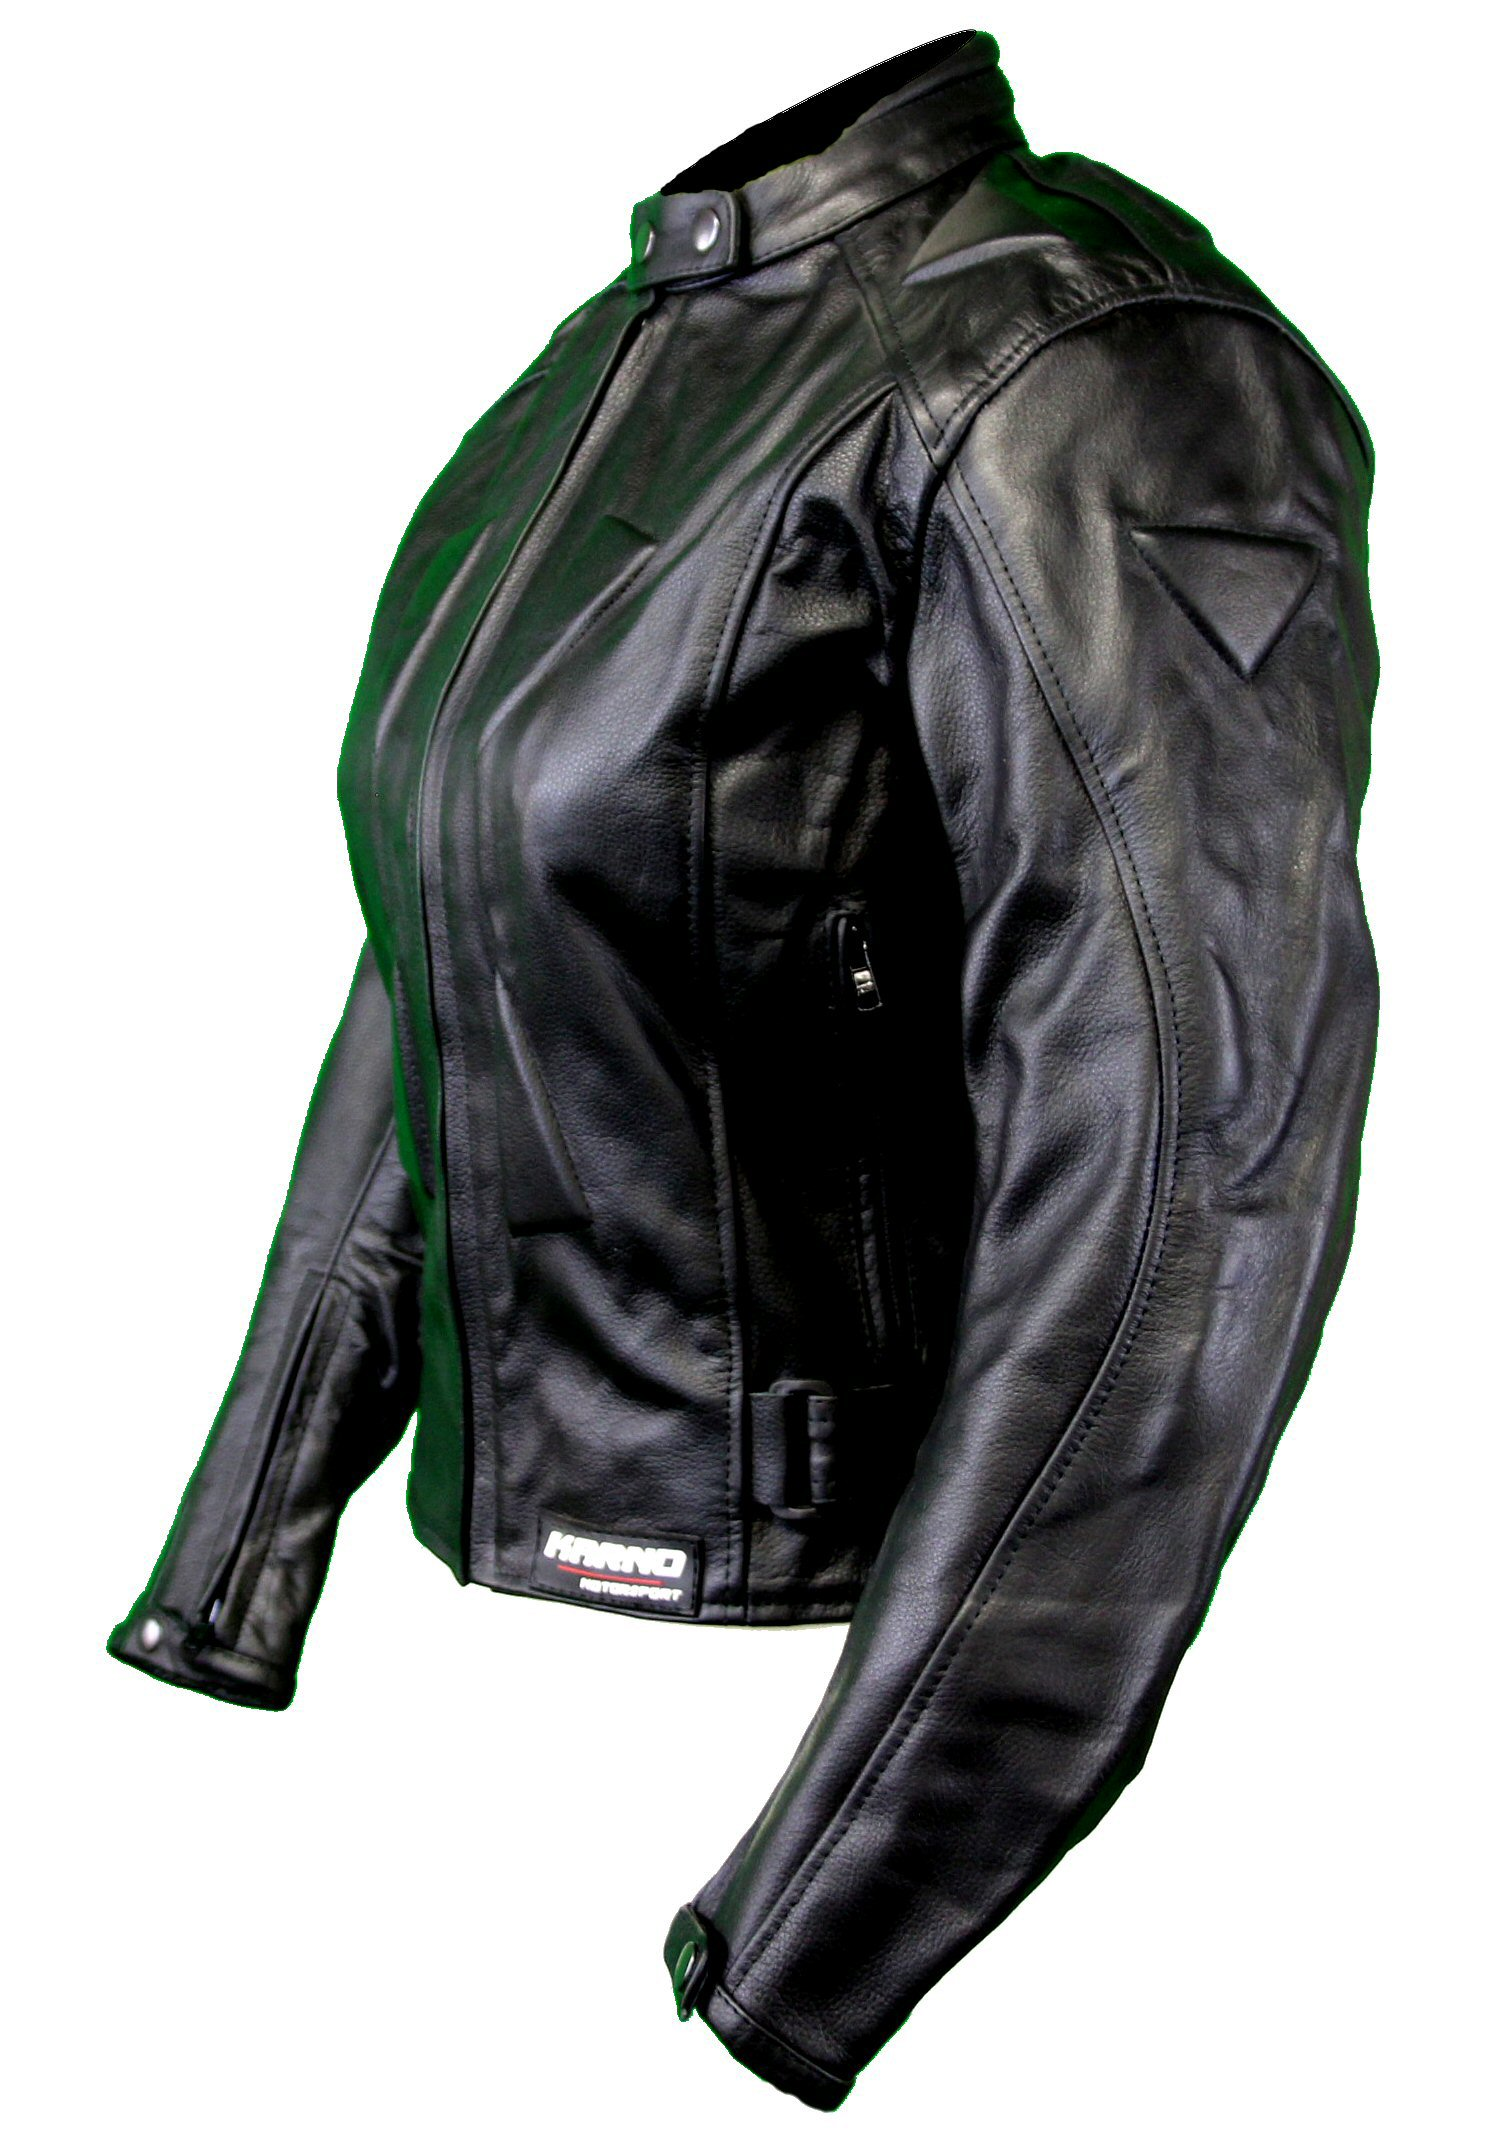 kc033 veste moto unie femme cuir noir karno motorsport ebay. Black Bedroom Furniture Sets. Home Design Ideas